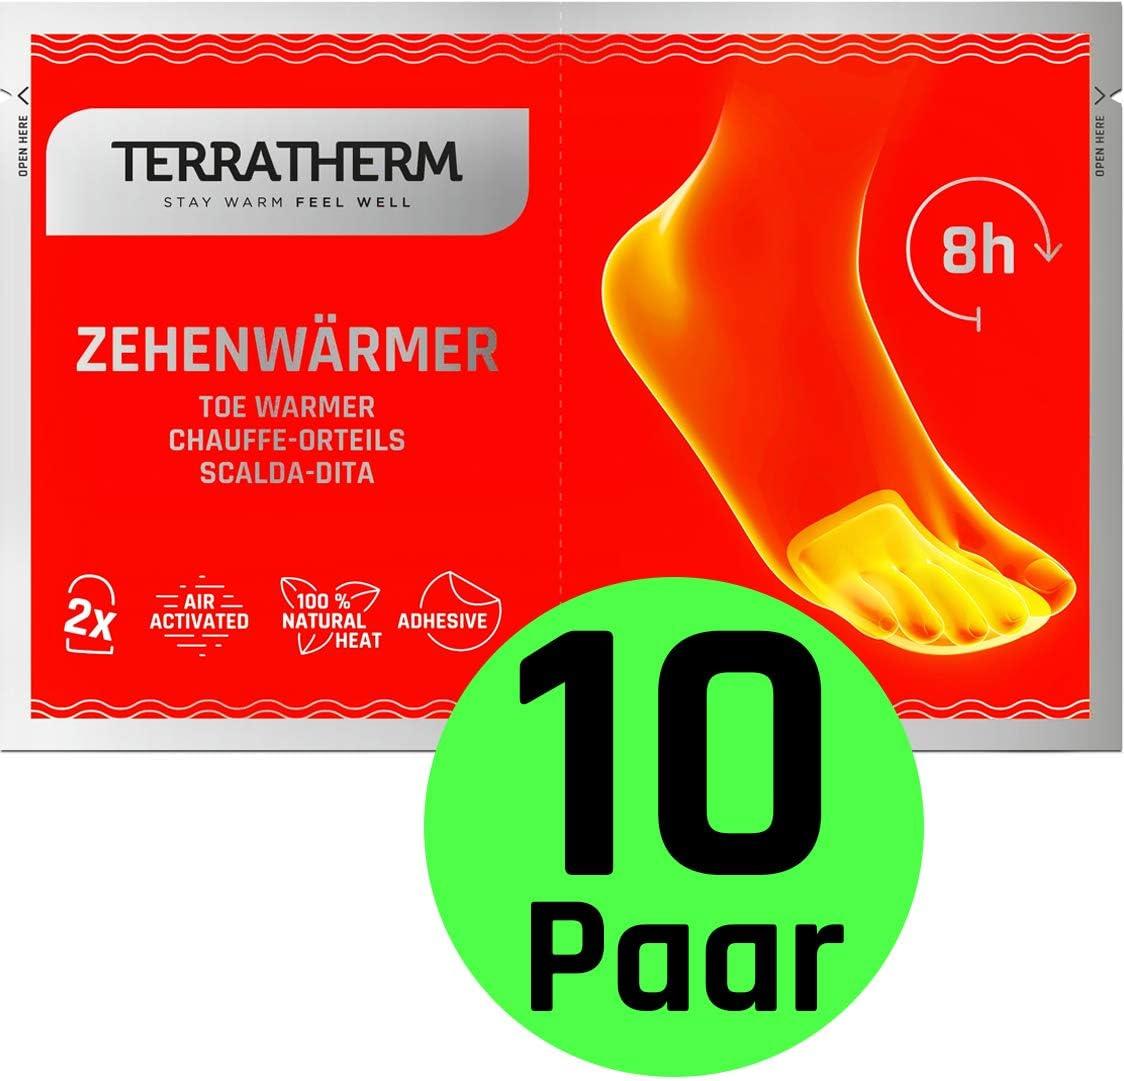 Calienta pies adhesivos- 10 Pares , calcetines con calefacción de 8 horas, Calentadores de dedos y Calentadores de pies, adecuados para todo tipo de zapatos, extra finos, y cómodamente suaves